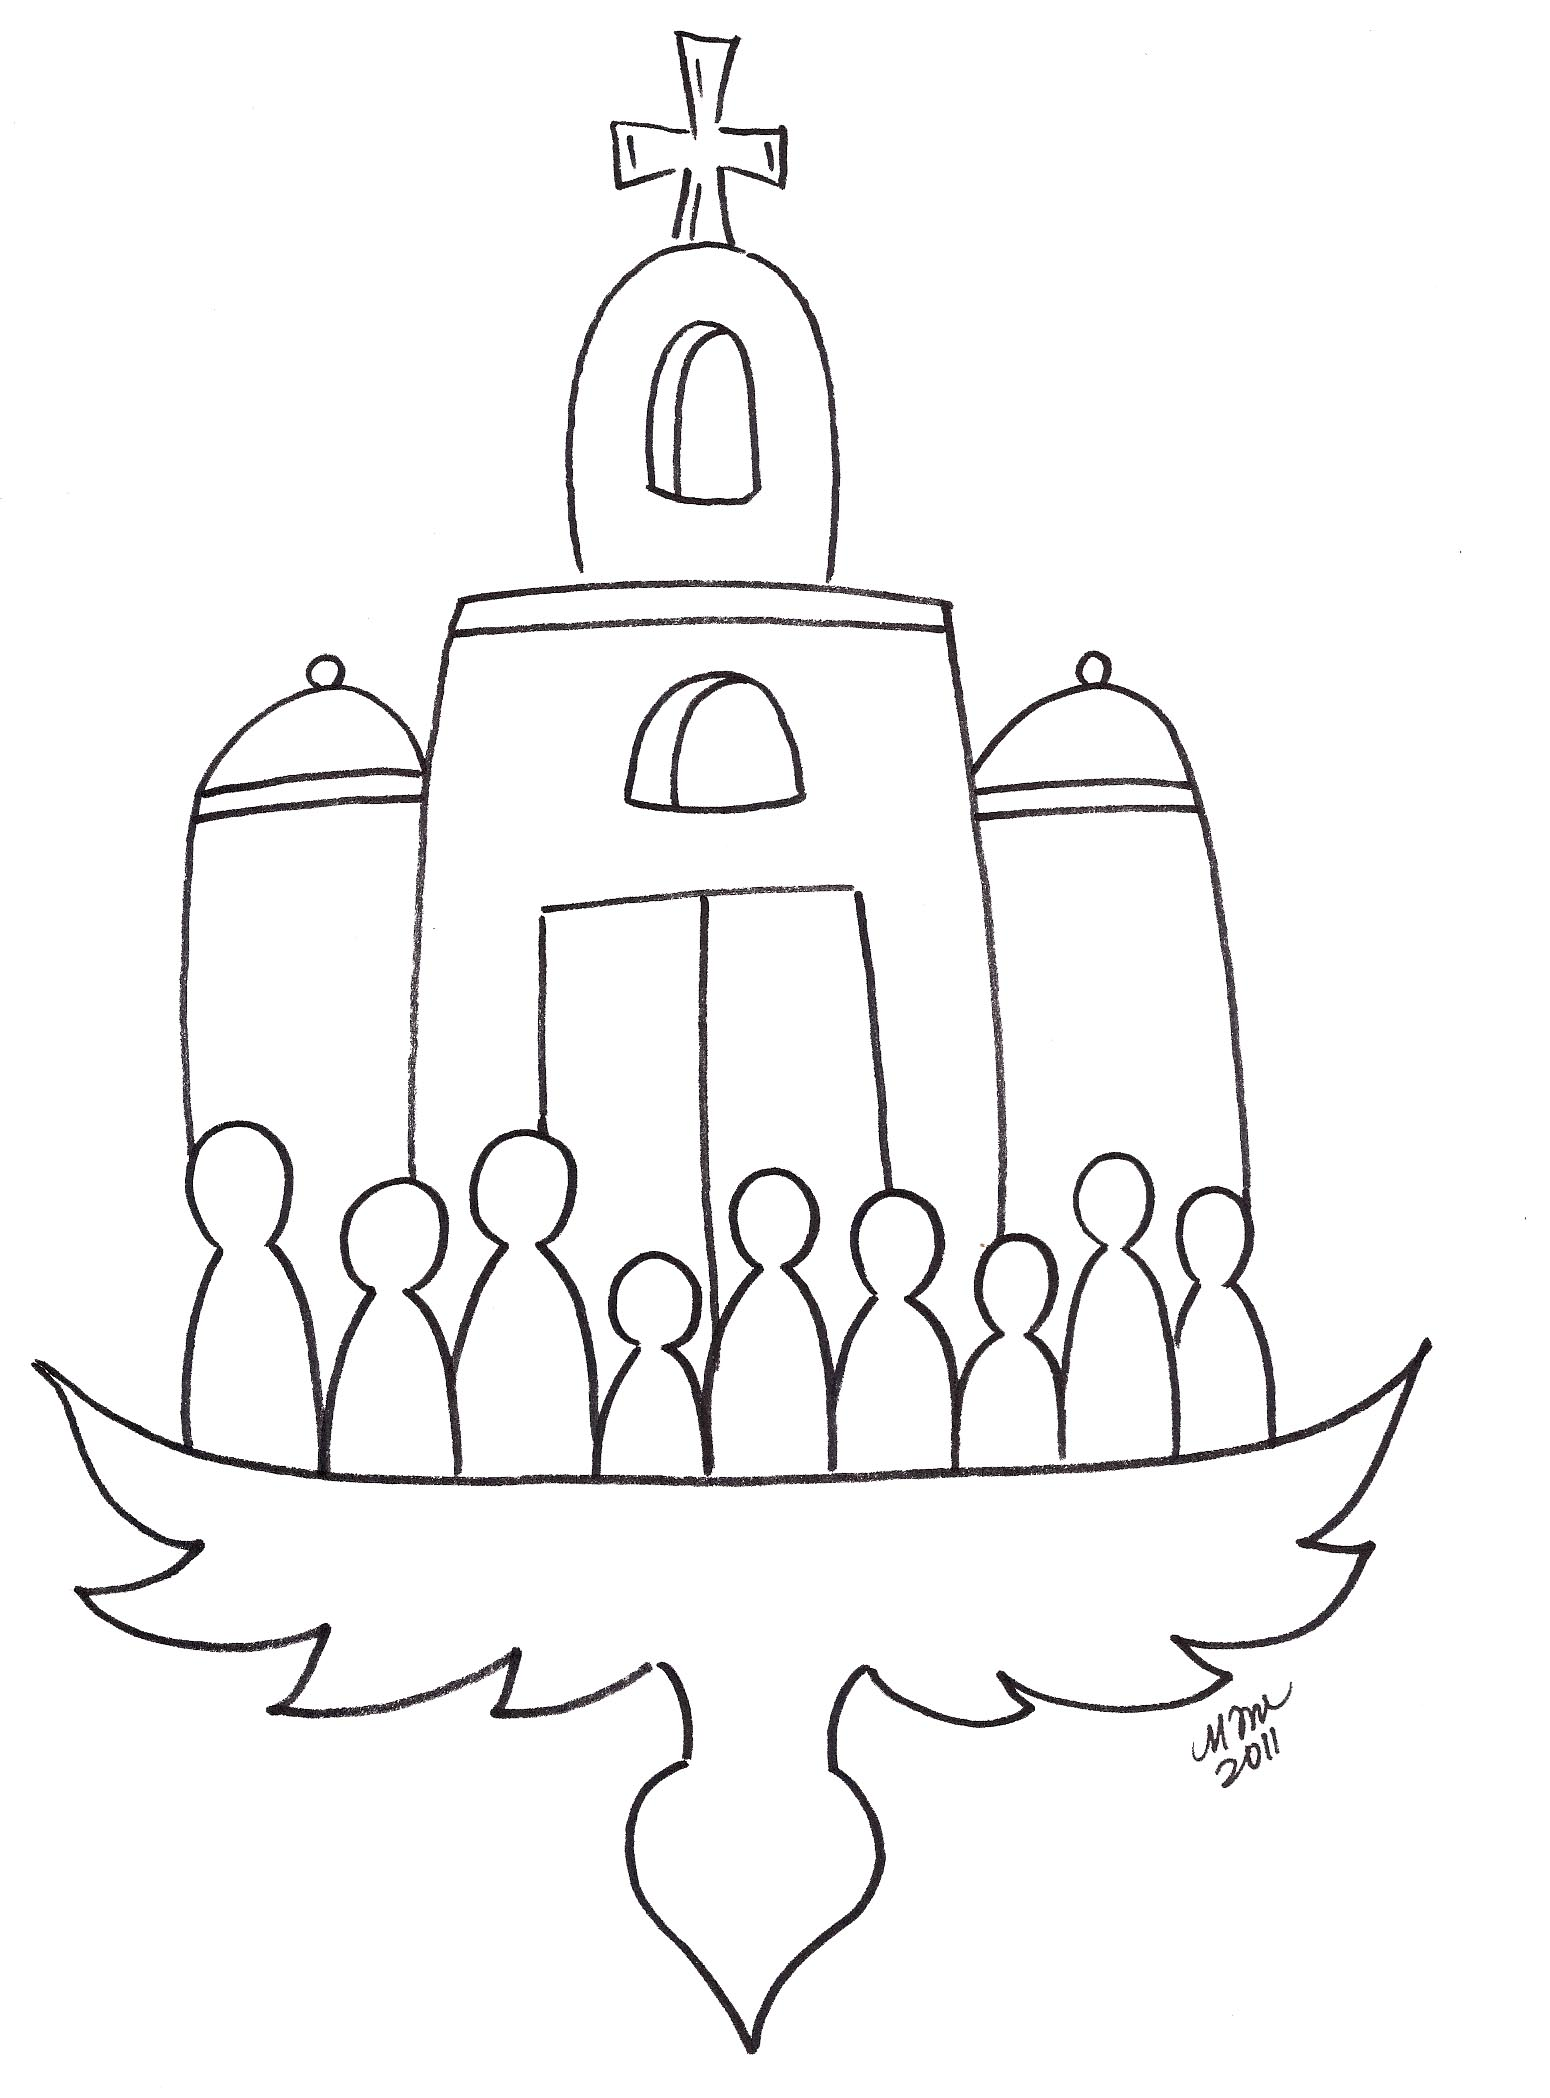 Núm. 31, 29 de Diciembre, 2011 – El Evangelista Mexicano